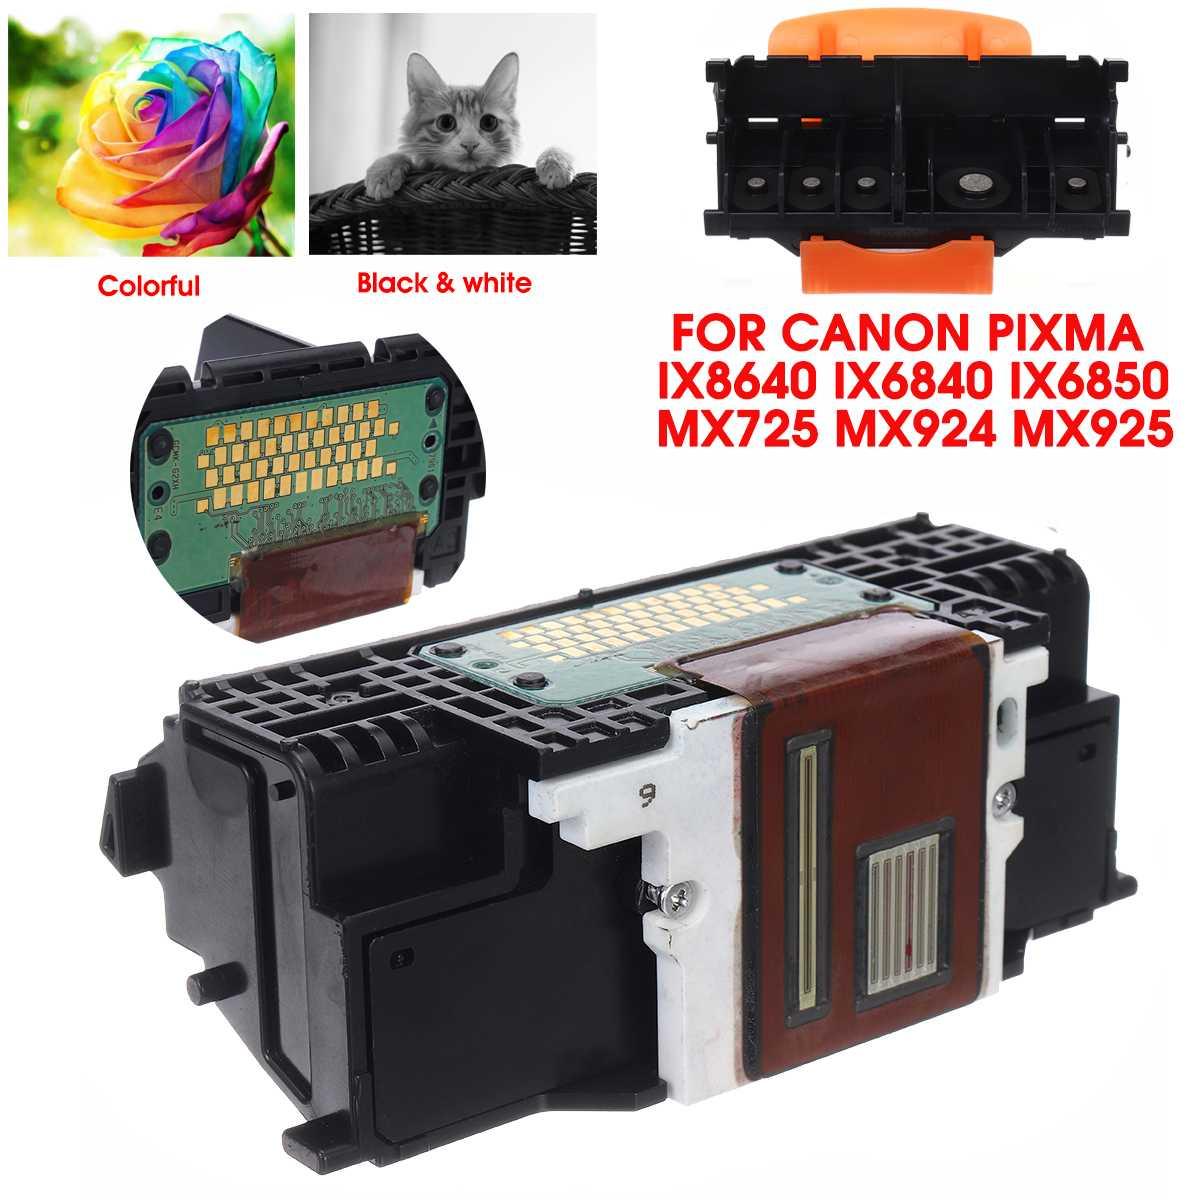 LEORY QY6-0086-000 Printer Print Head Printhead Printer Parts Accessories For Canon Pixma IX8640 IX6840 IX6850 MX725 MX924 MX925